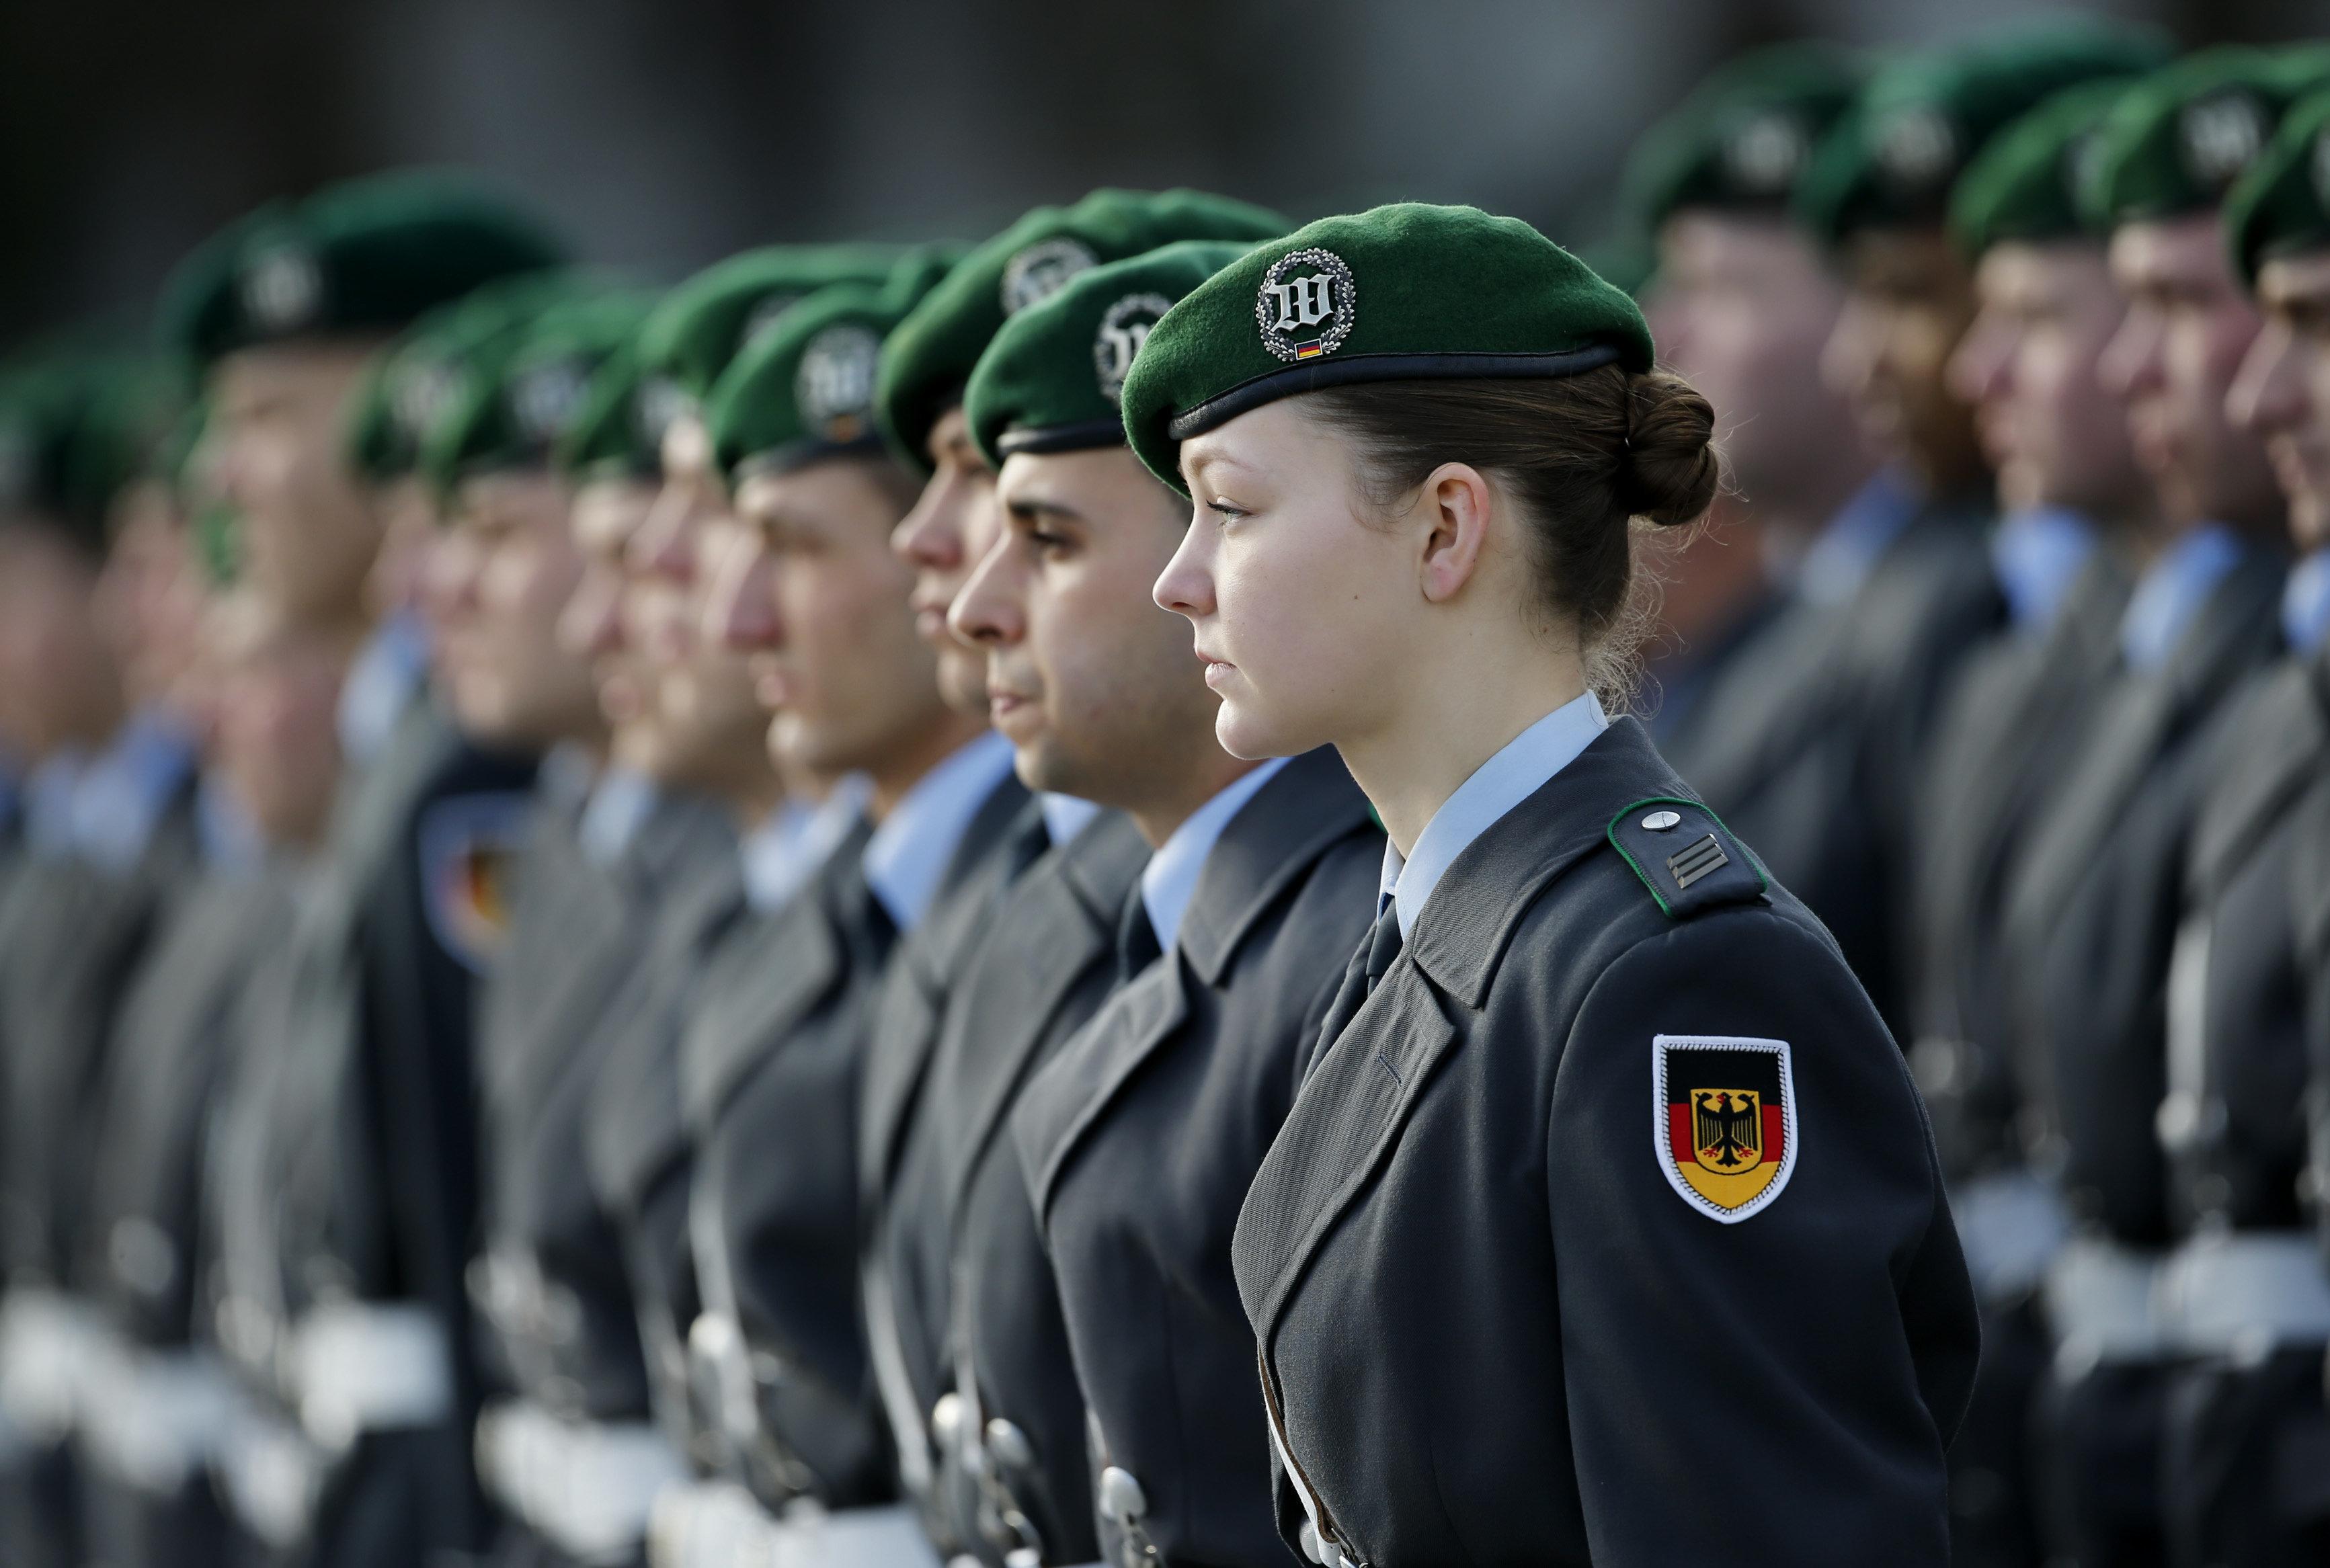 Schweden hat einen Vorschlag für eine radikal neue Außenpolitik – das kann Deutschland davon